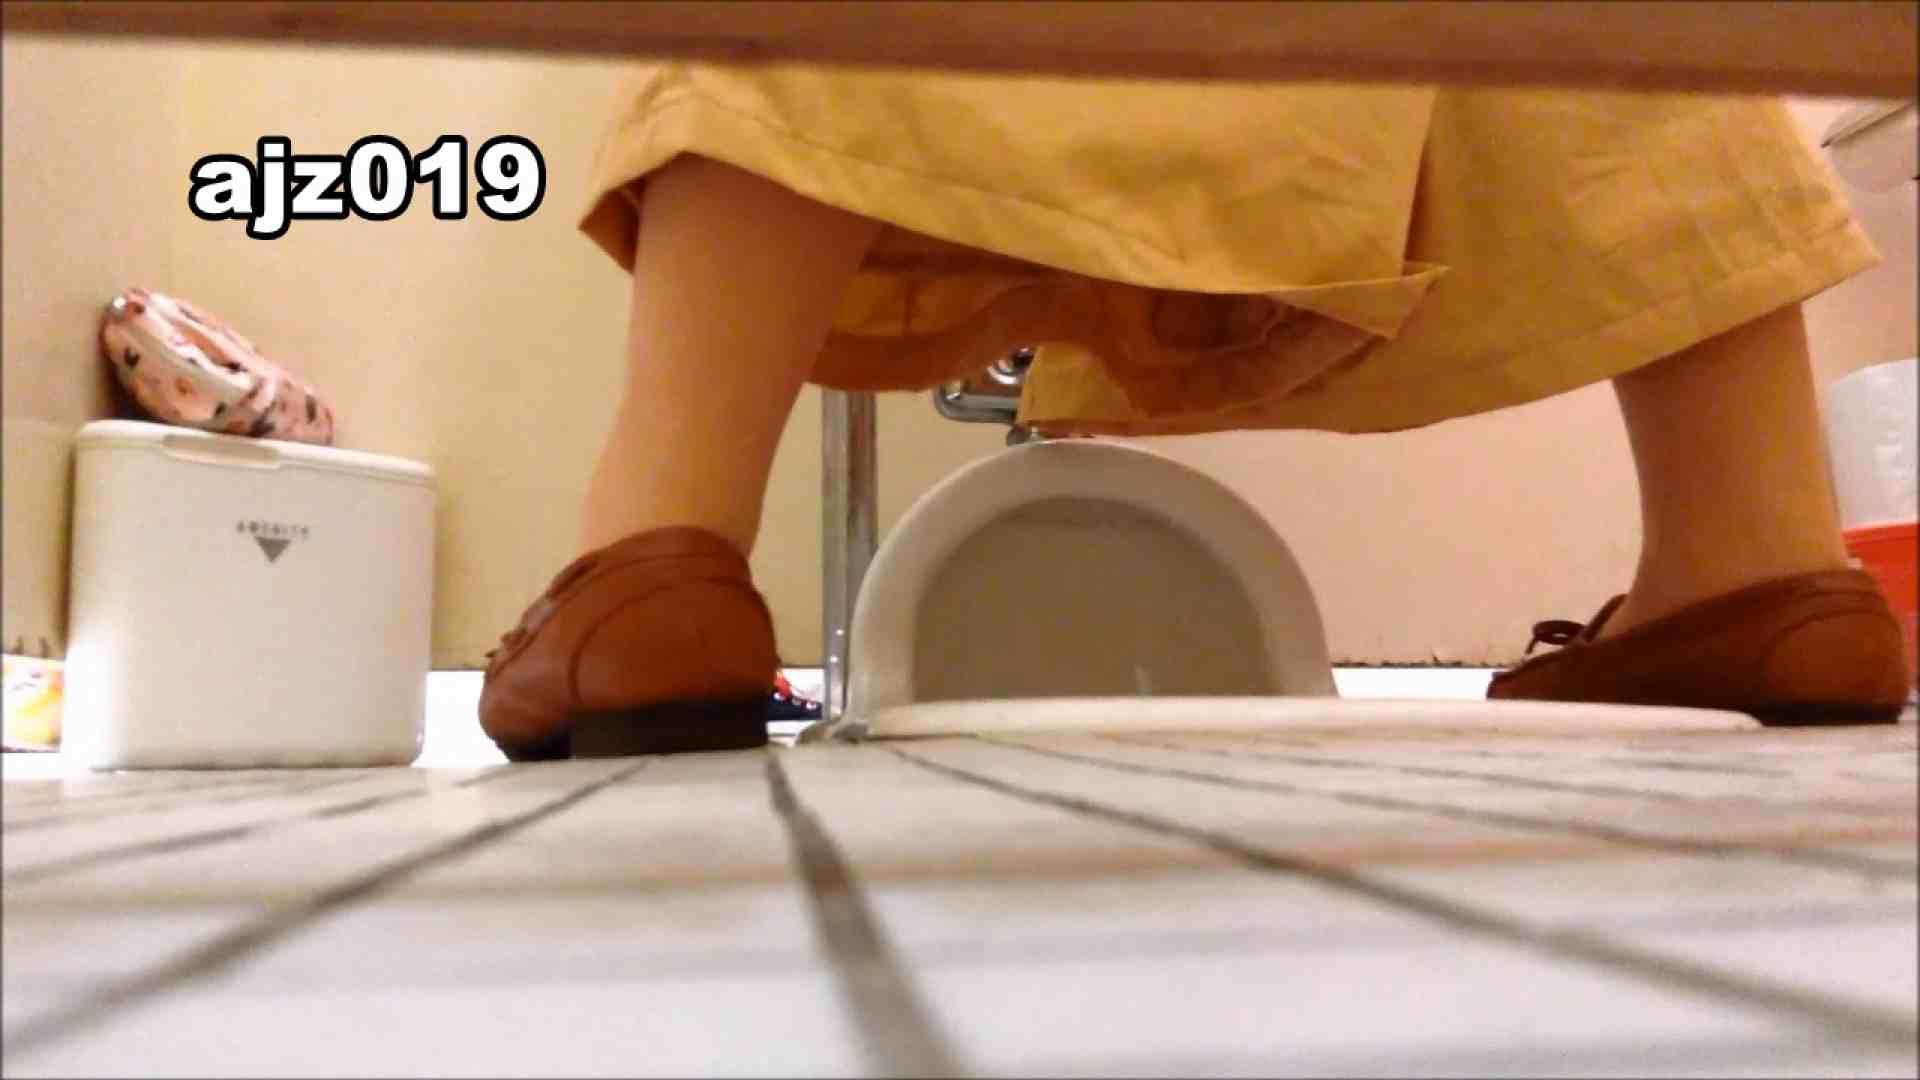 某有名大学女性洗面所 vol.19 OLエロ画像 のぞきエロ無料画像 109PICs 18